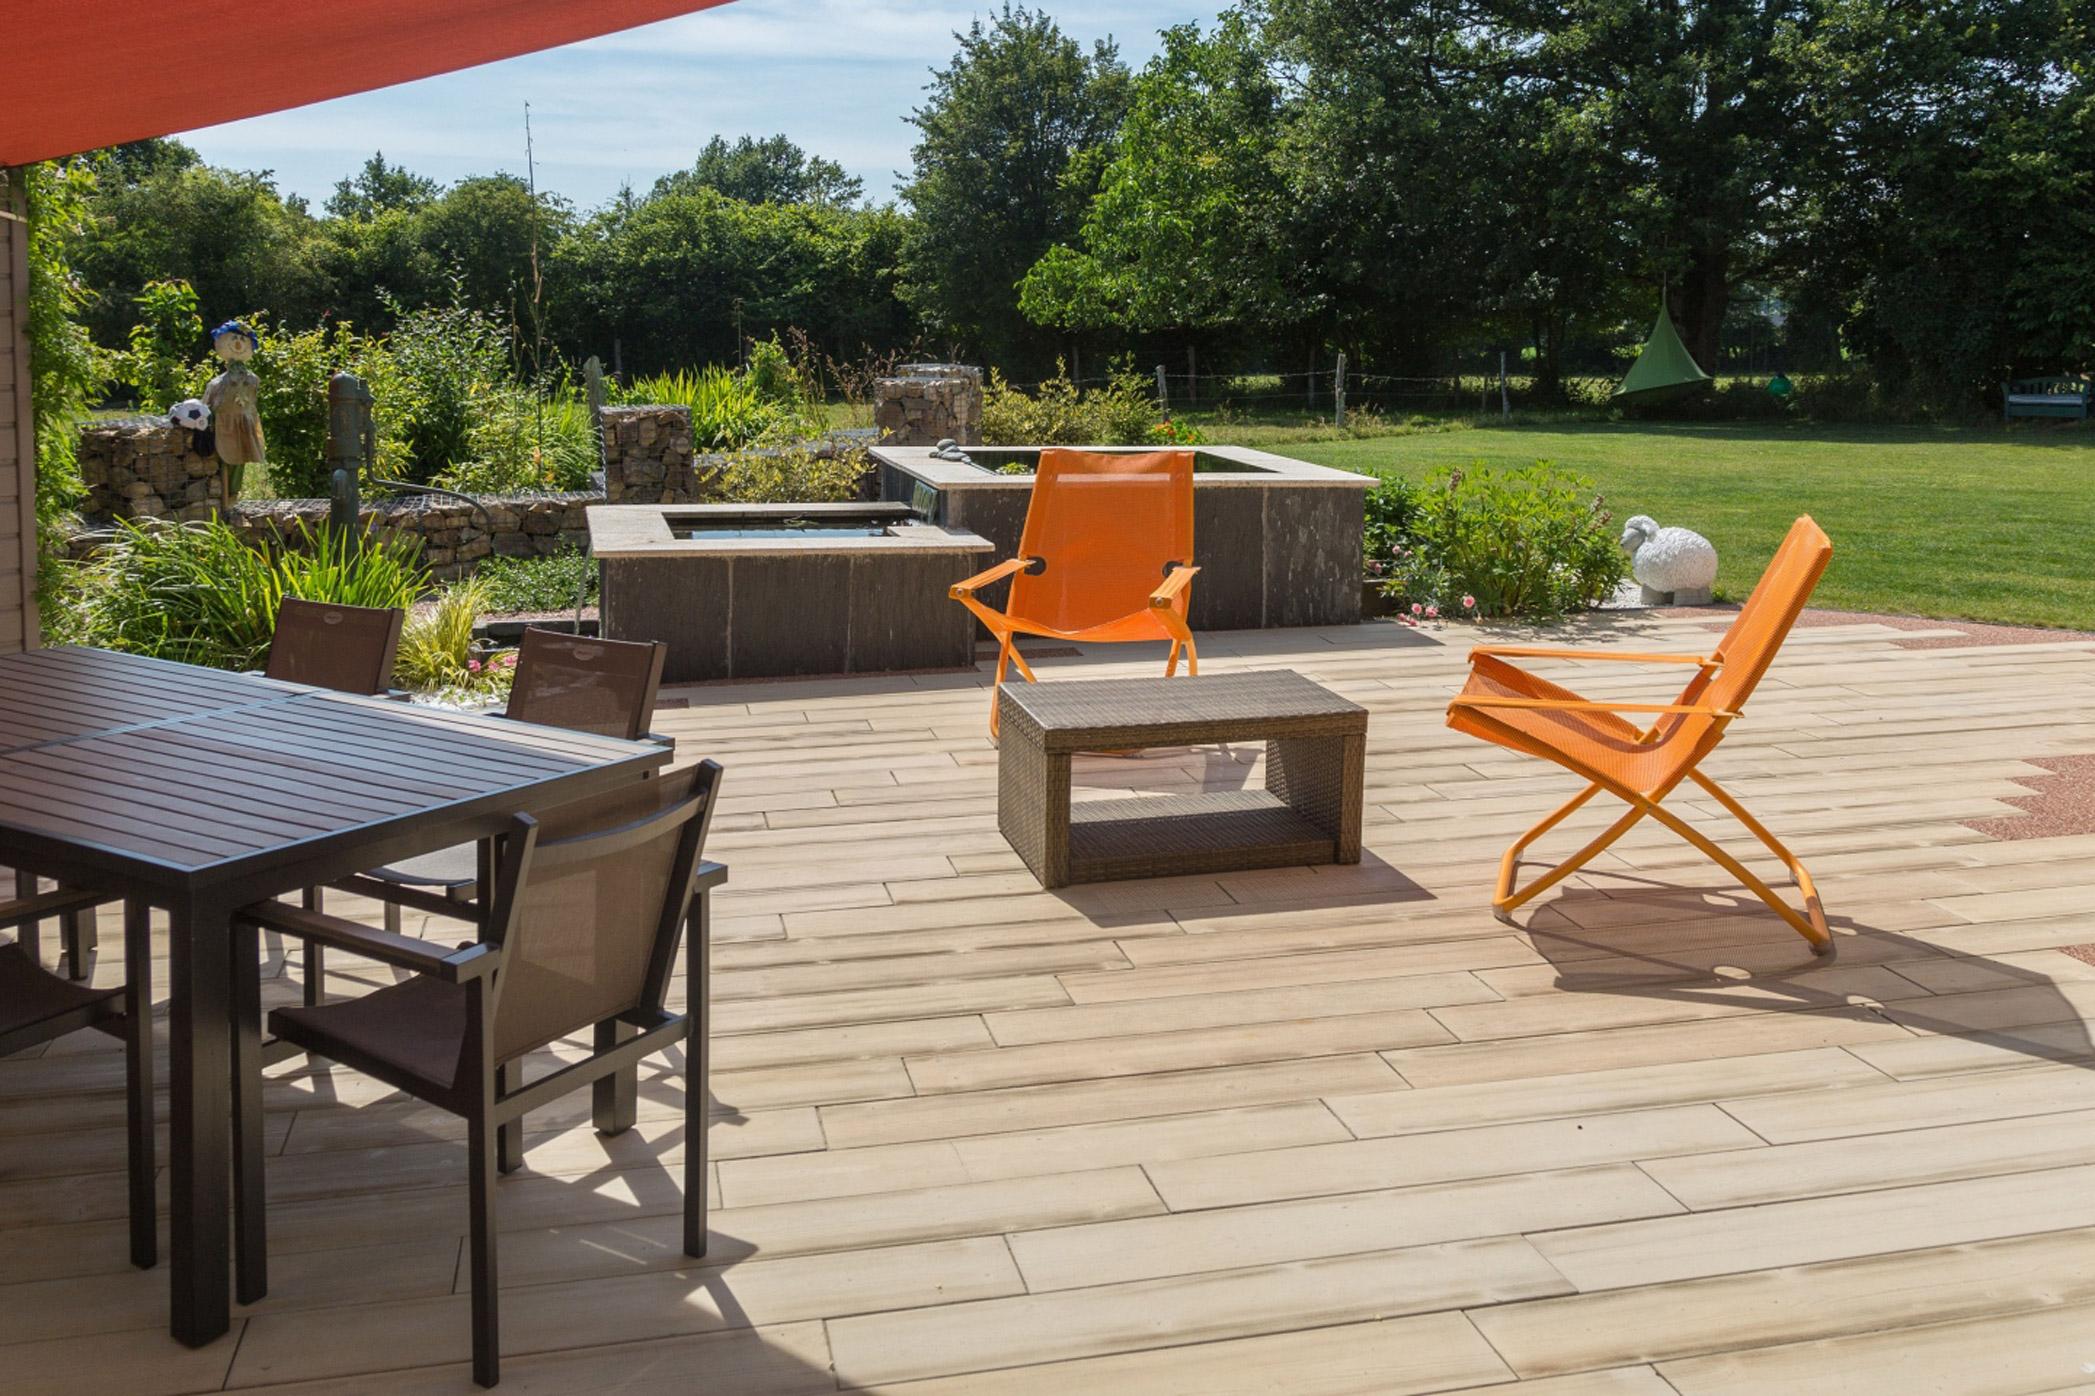 Terraza con baldosas de hormig n prefabricado daniel moquet for Baldosas para terrazas